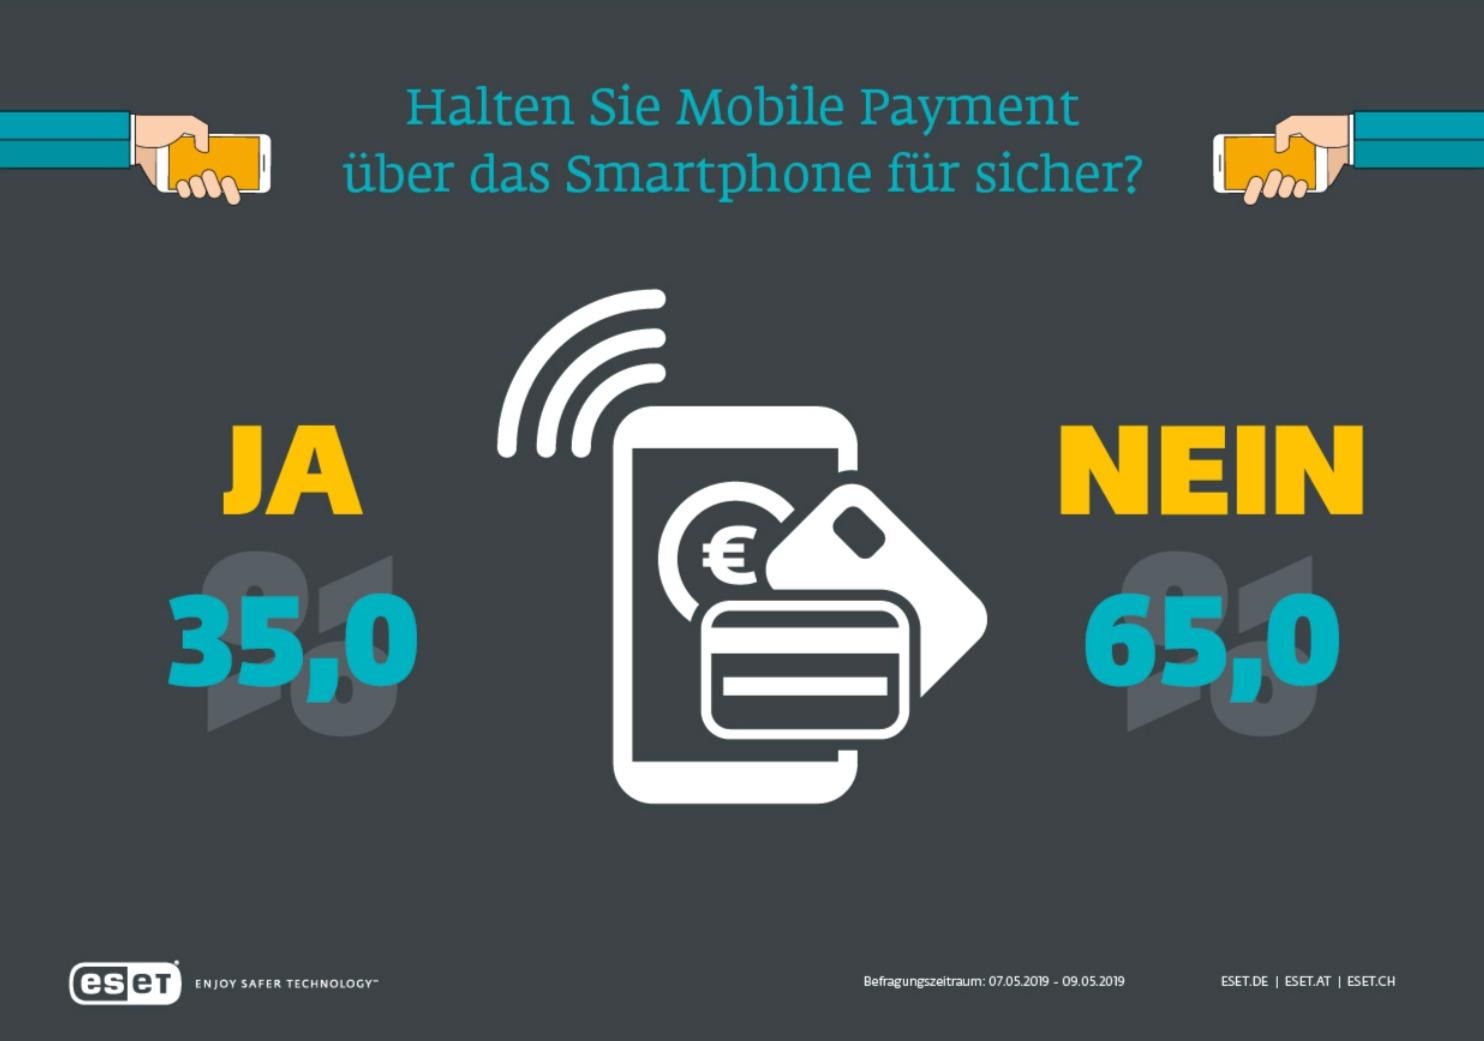 Mobile Payment halten die wenigsten für sicher